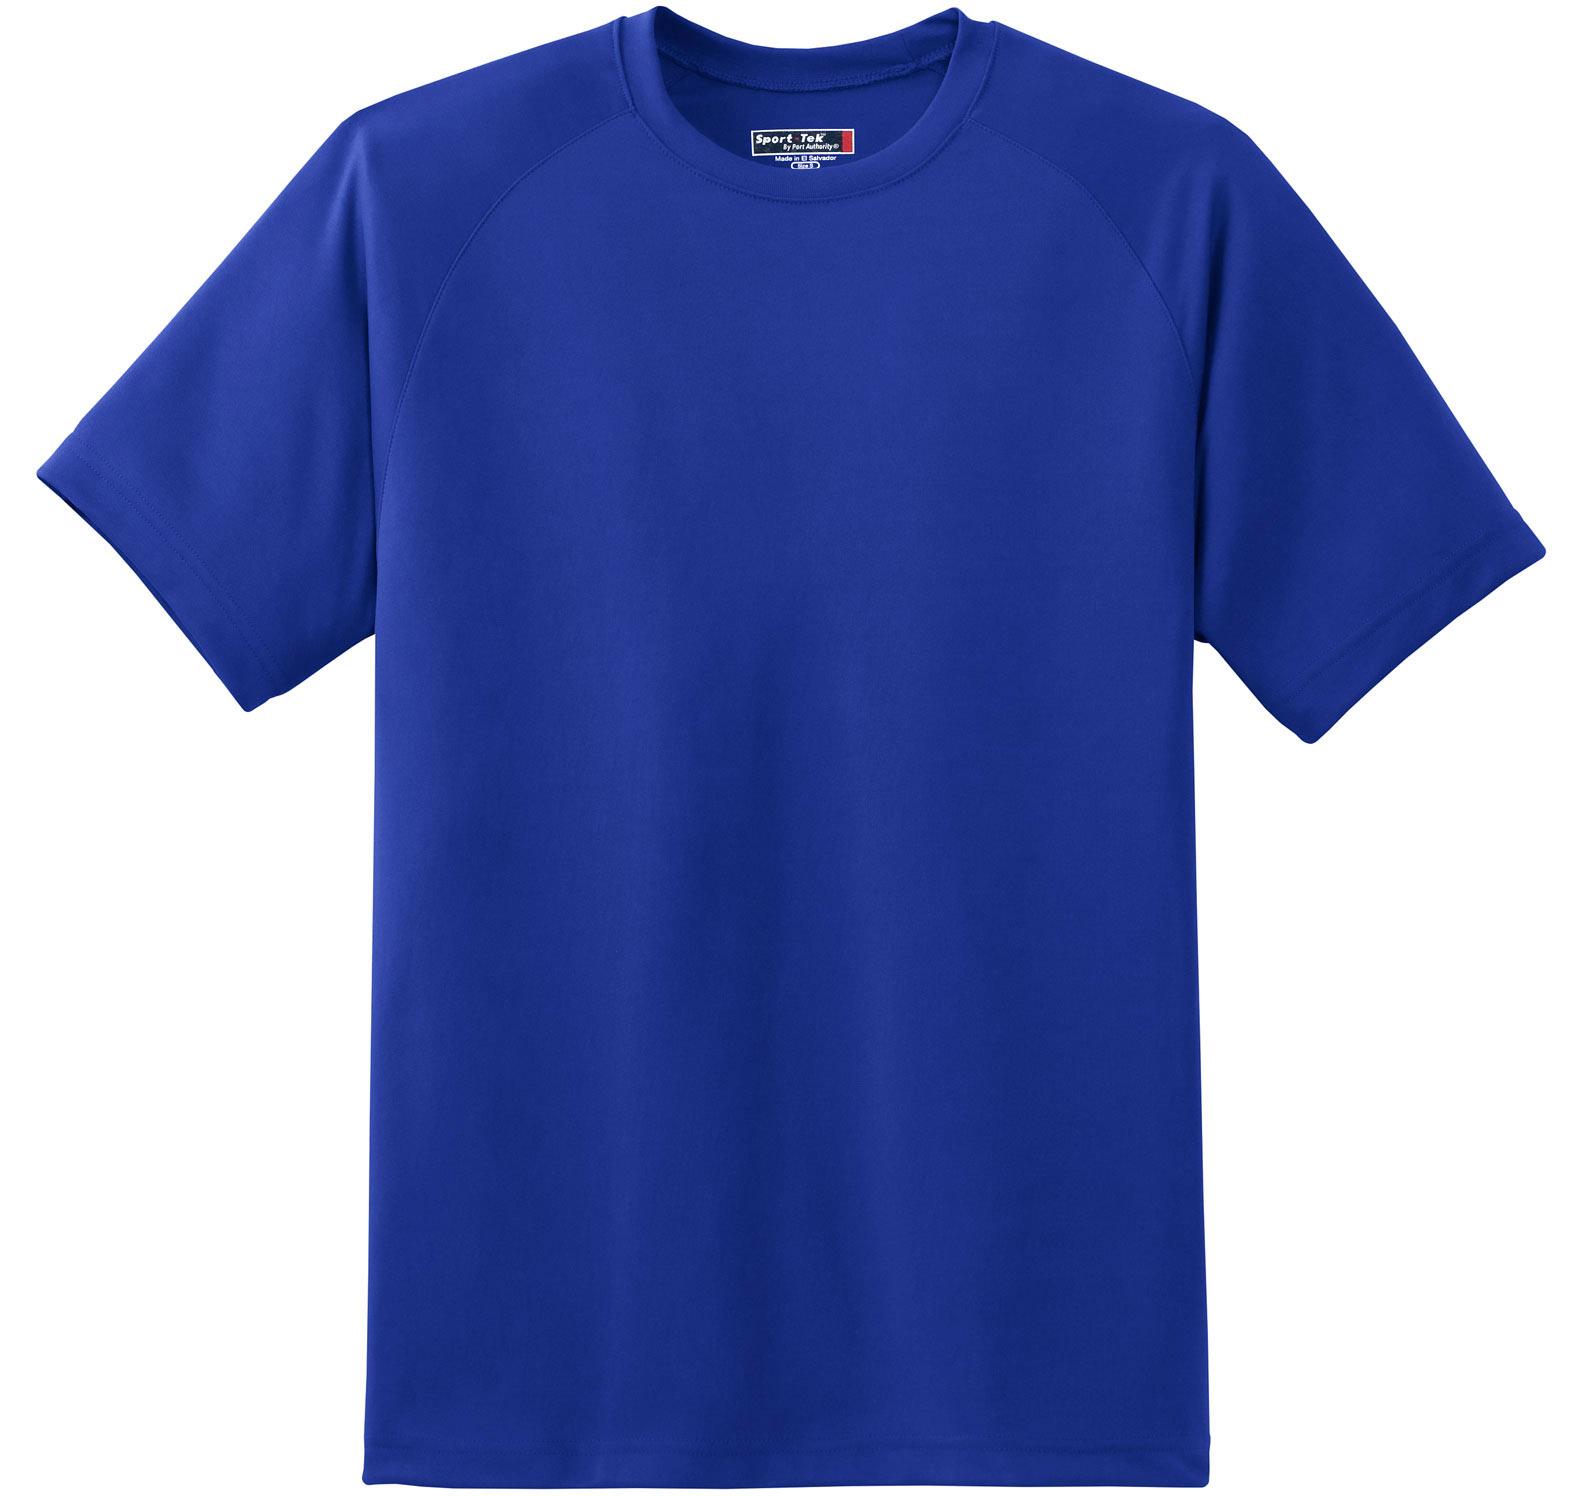 Blue T Shirt Template - ClipArt Best